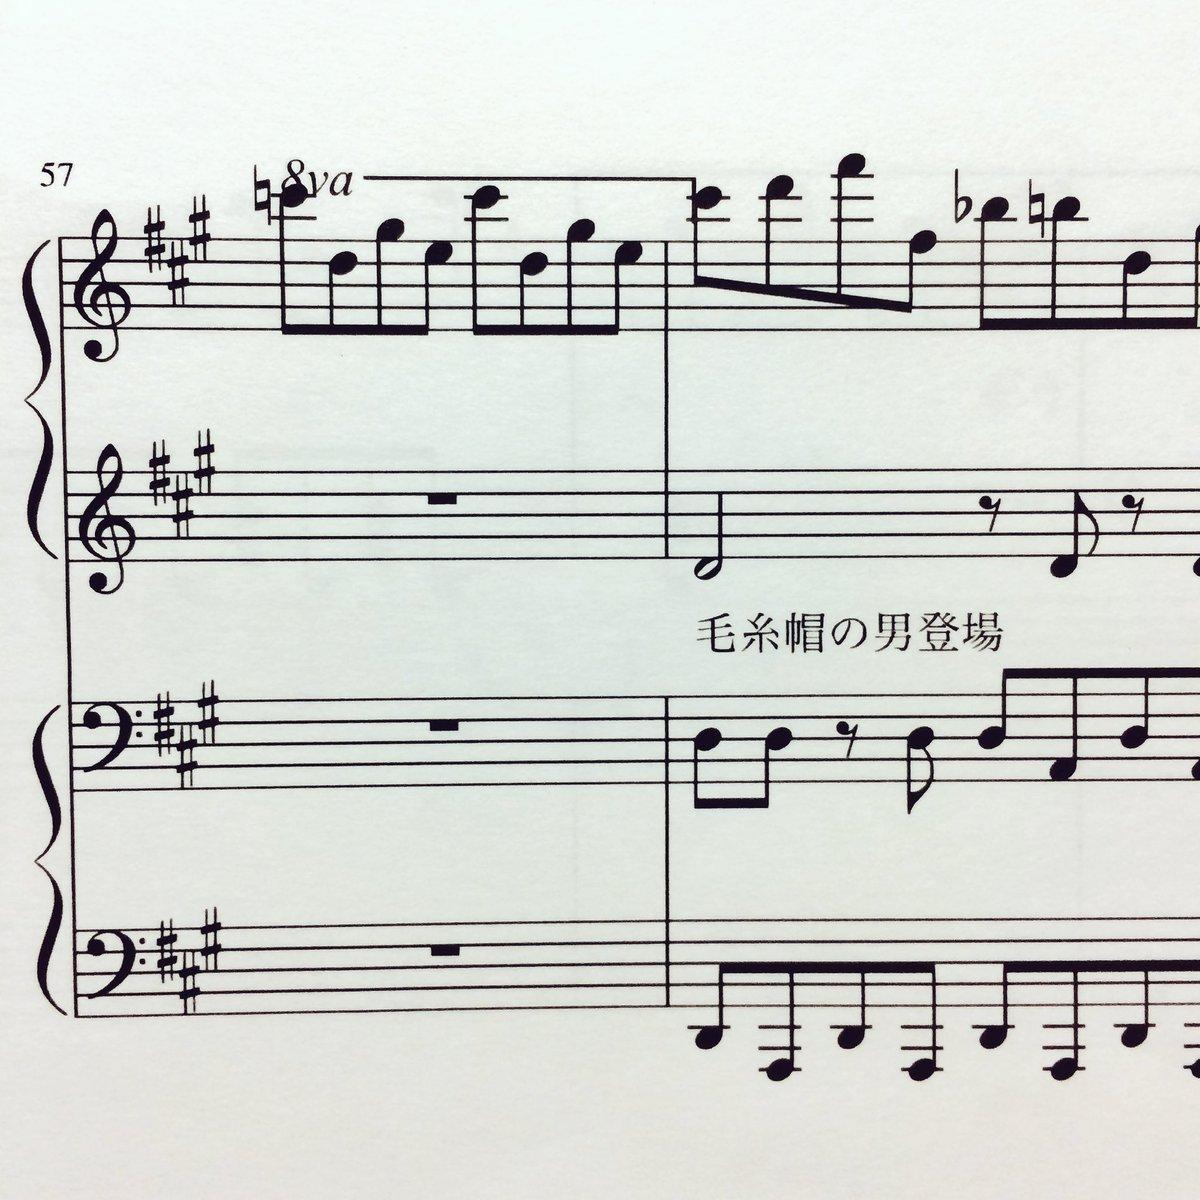 楽譜に毛糸帽の男登場